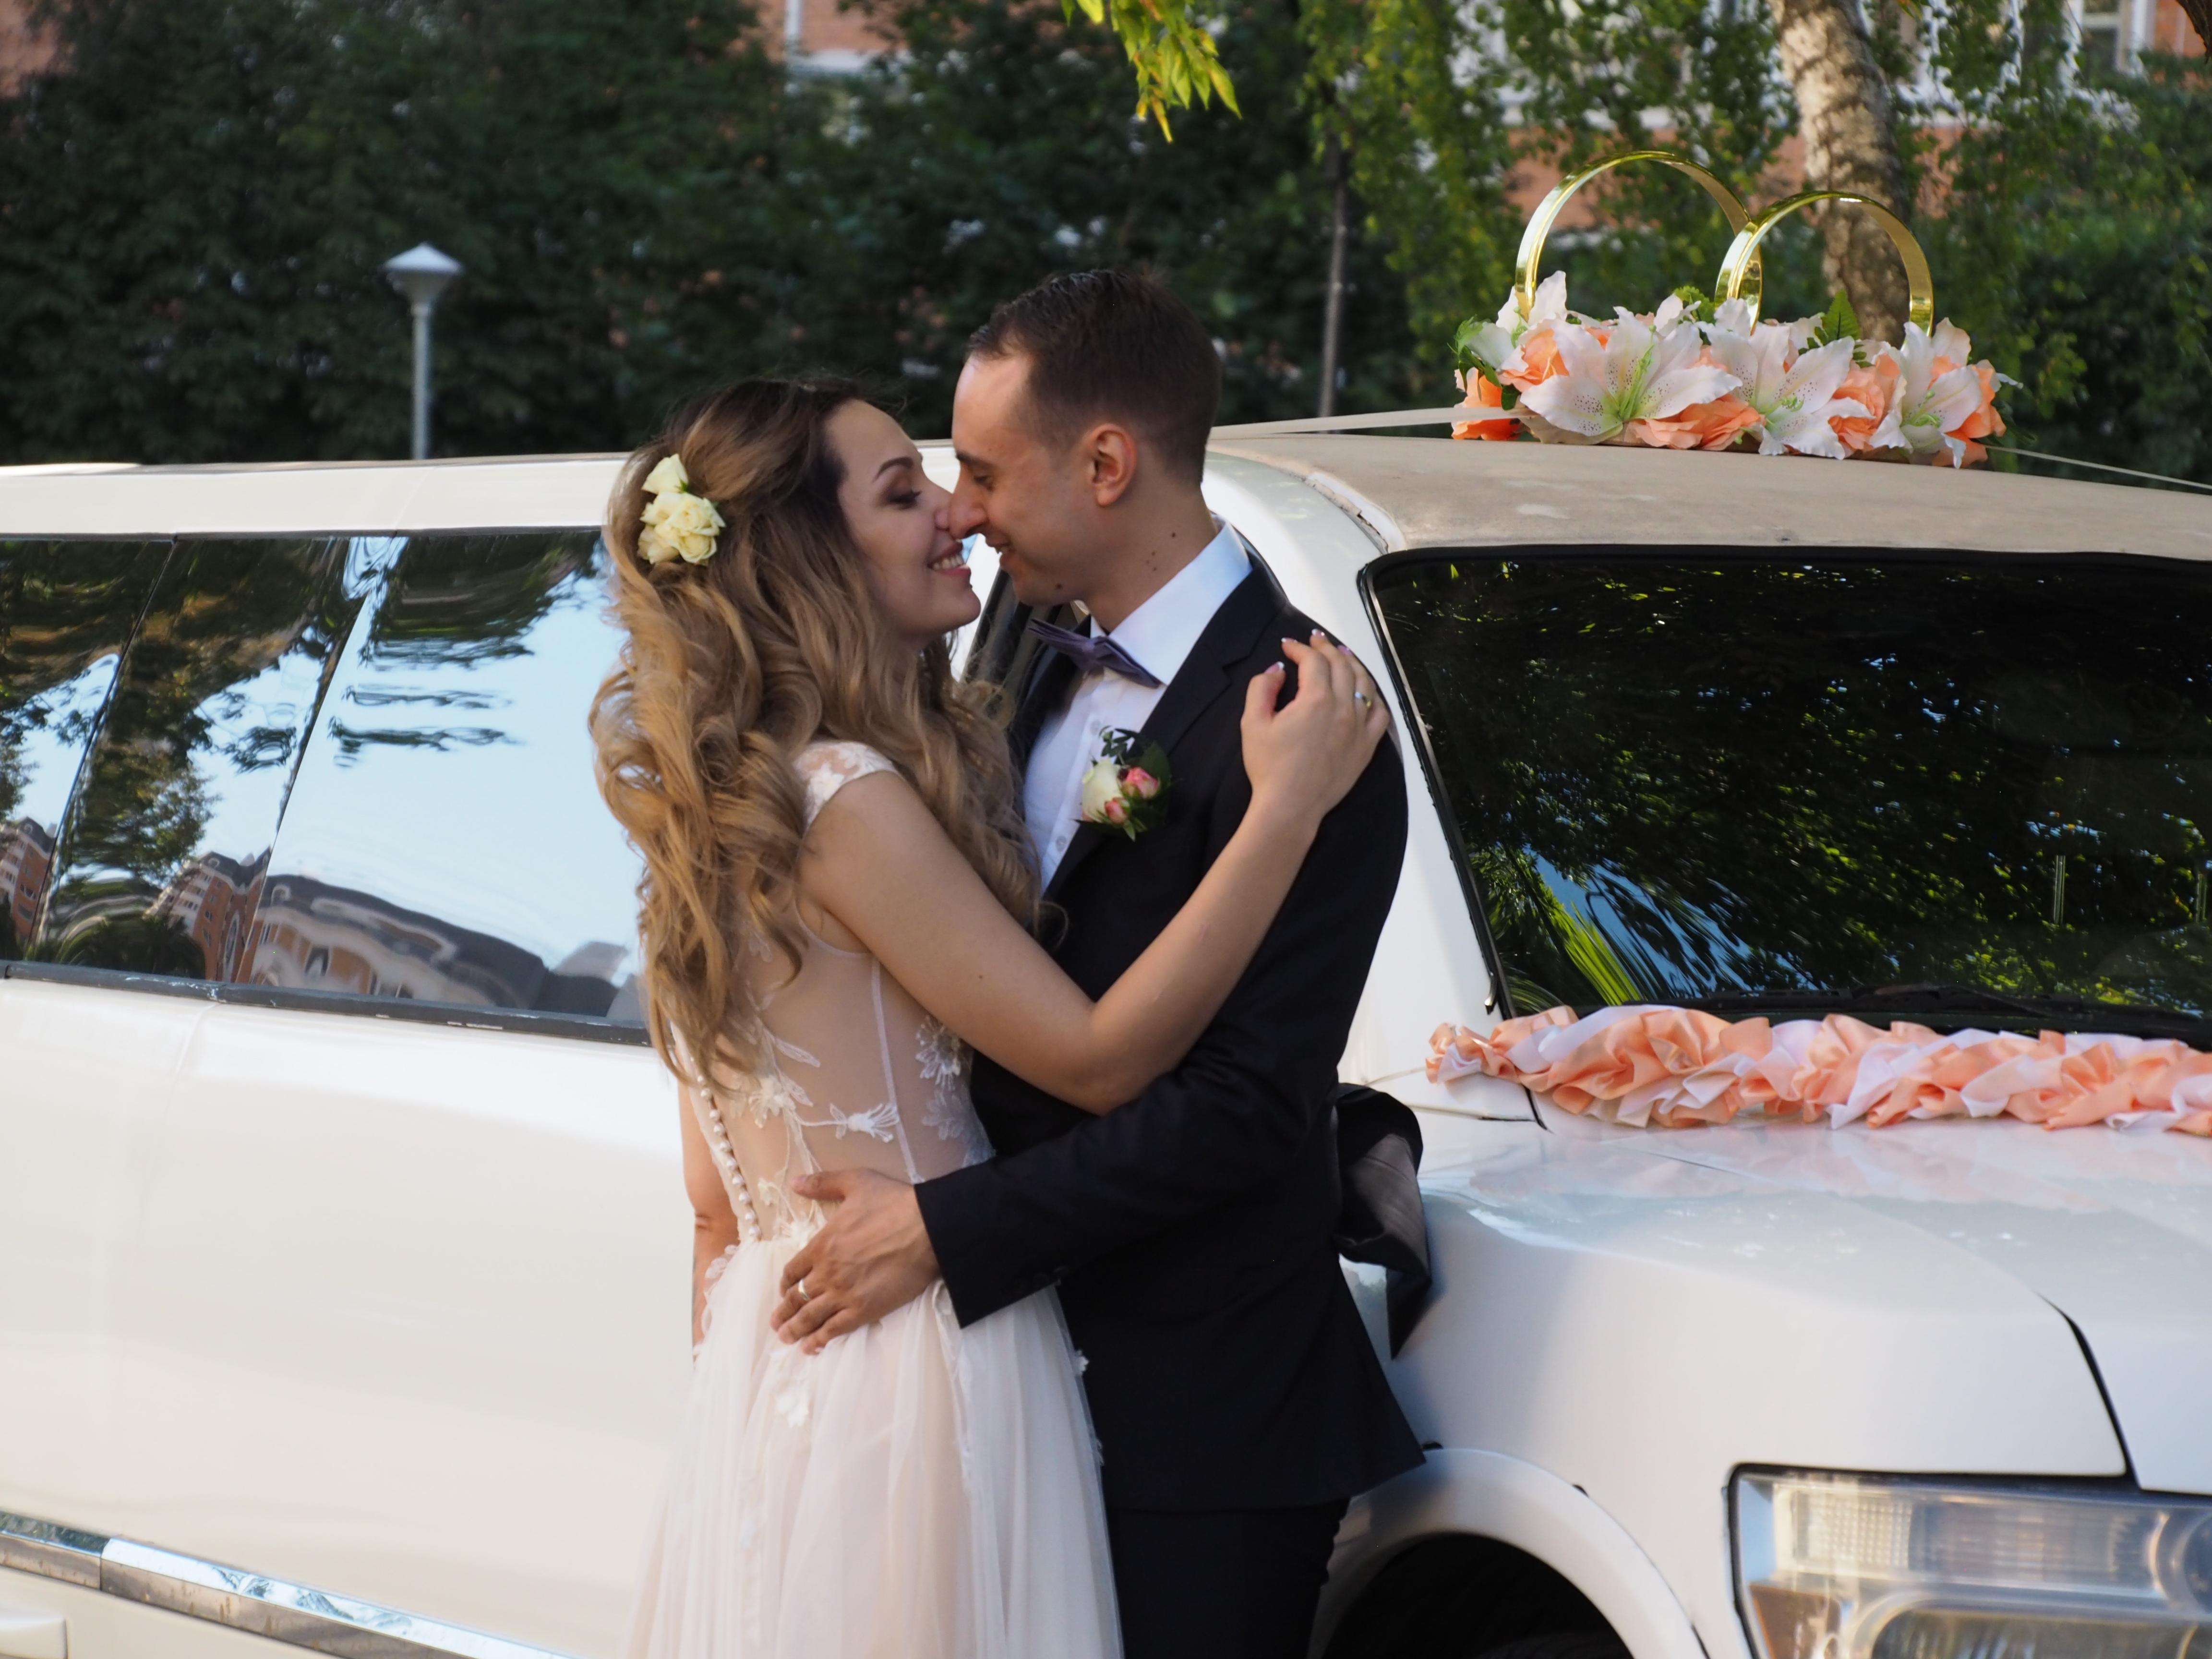 Свадебный бум: в День города поженятся почти две тысячи московских пар